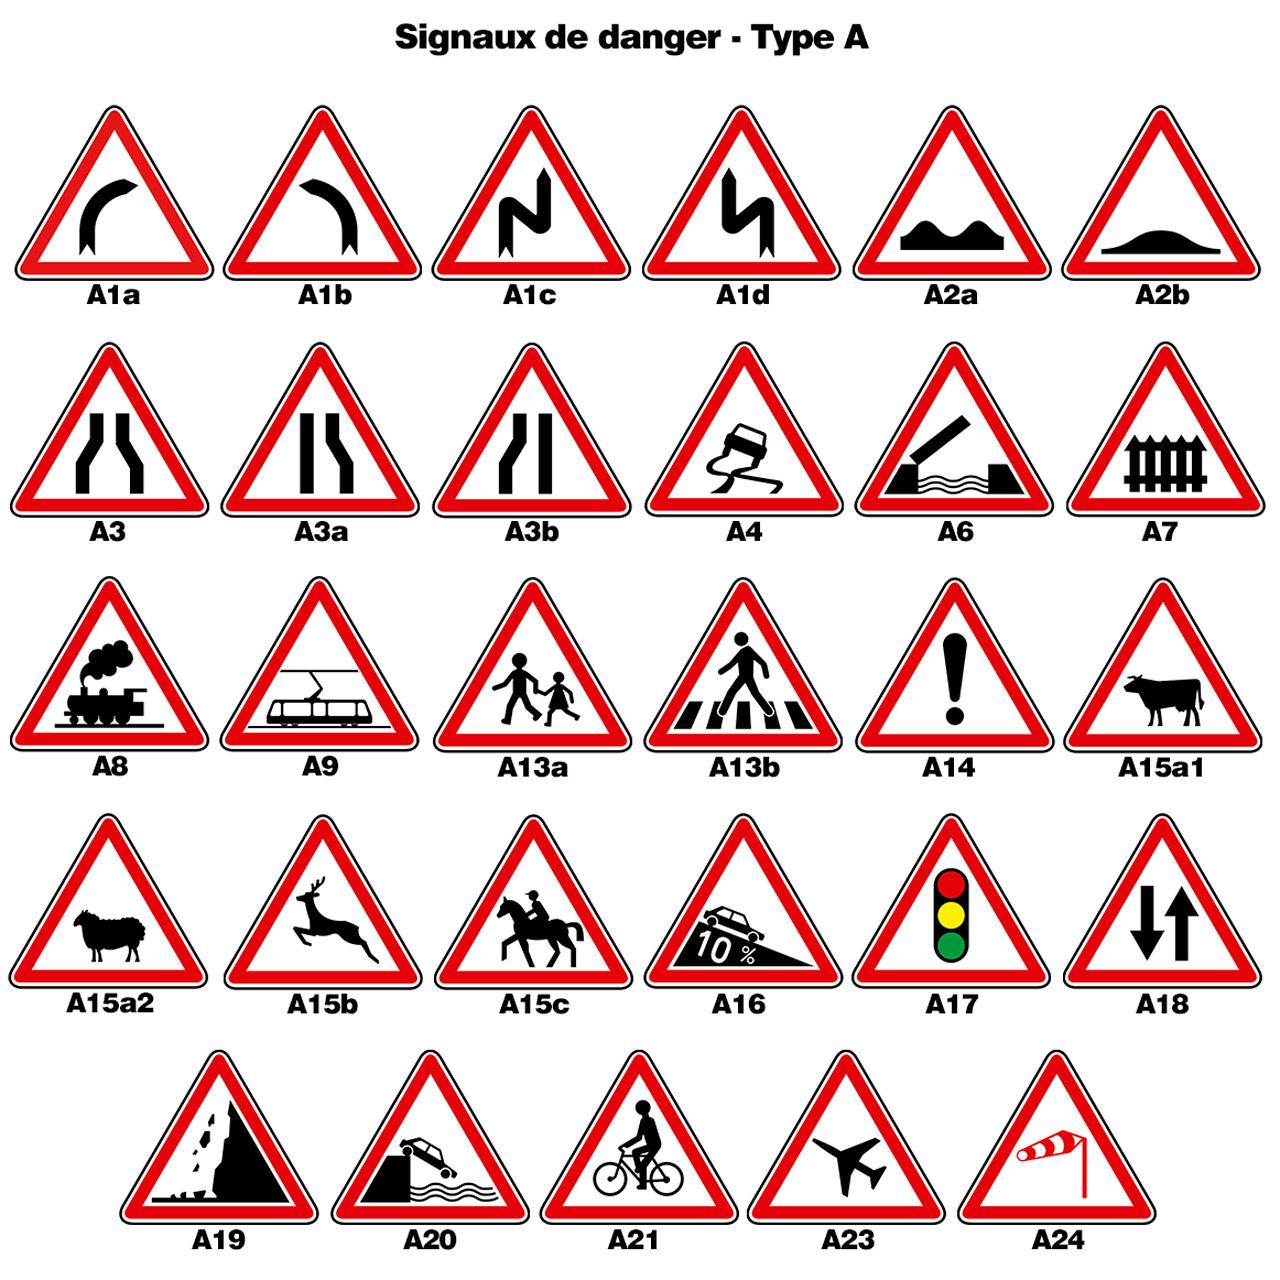 panneaux de signalisation de police des signaux de danger de type a. Black Bedroom Furniture Sets. Home Design Ideas